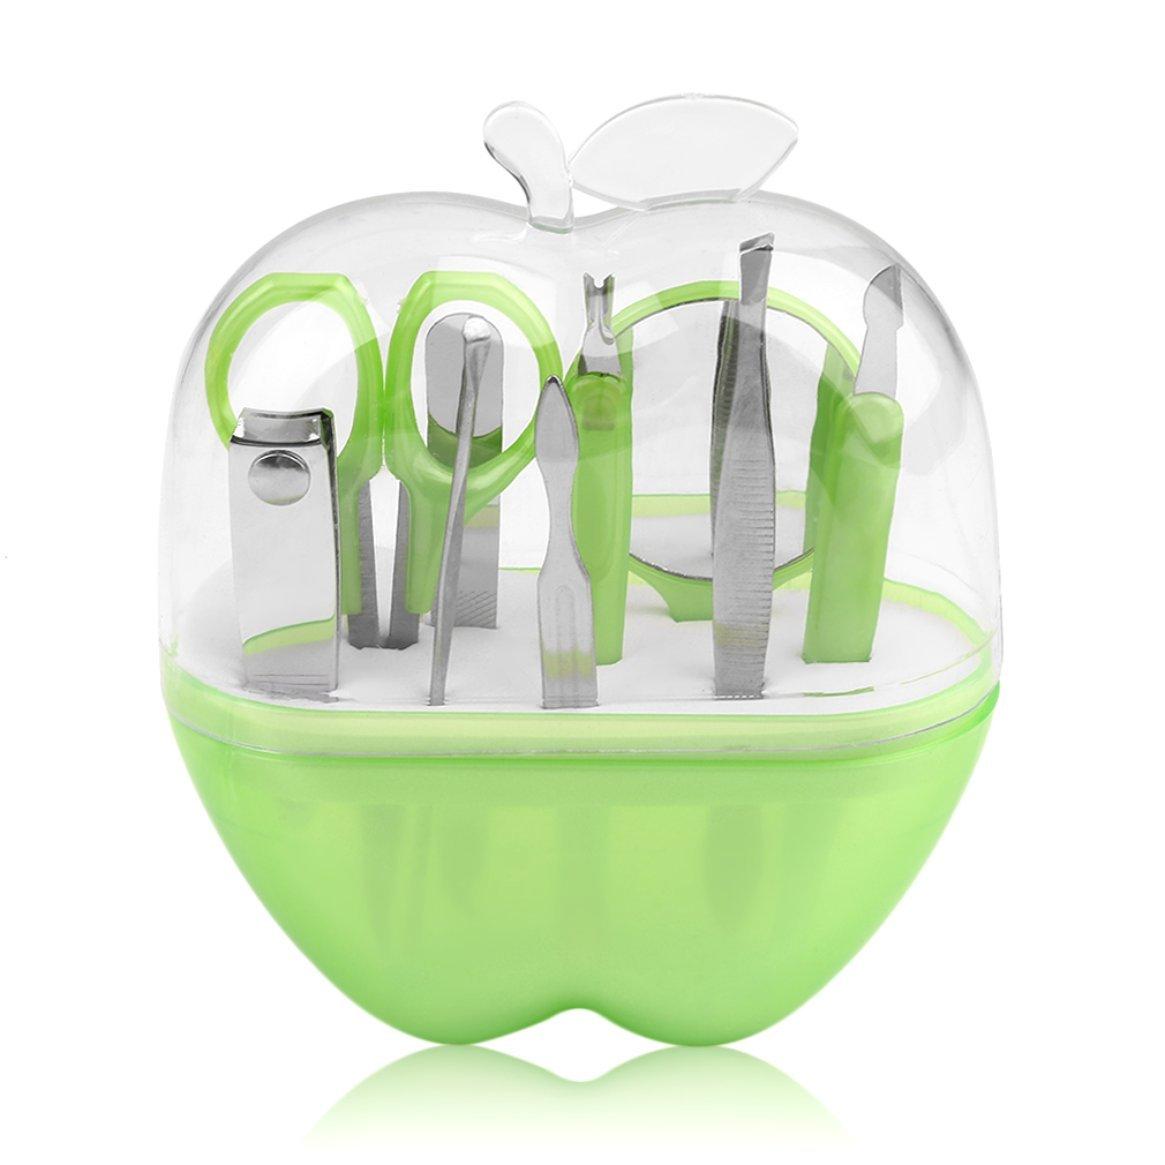 Forma de manzanas 9pcs manicura de acero inoxidable Set ...